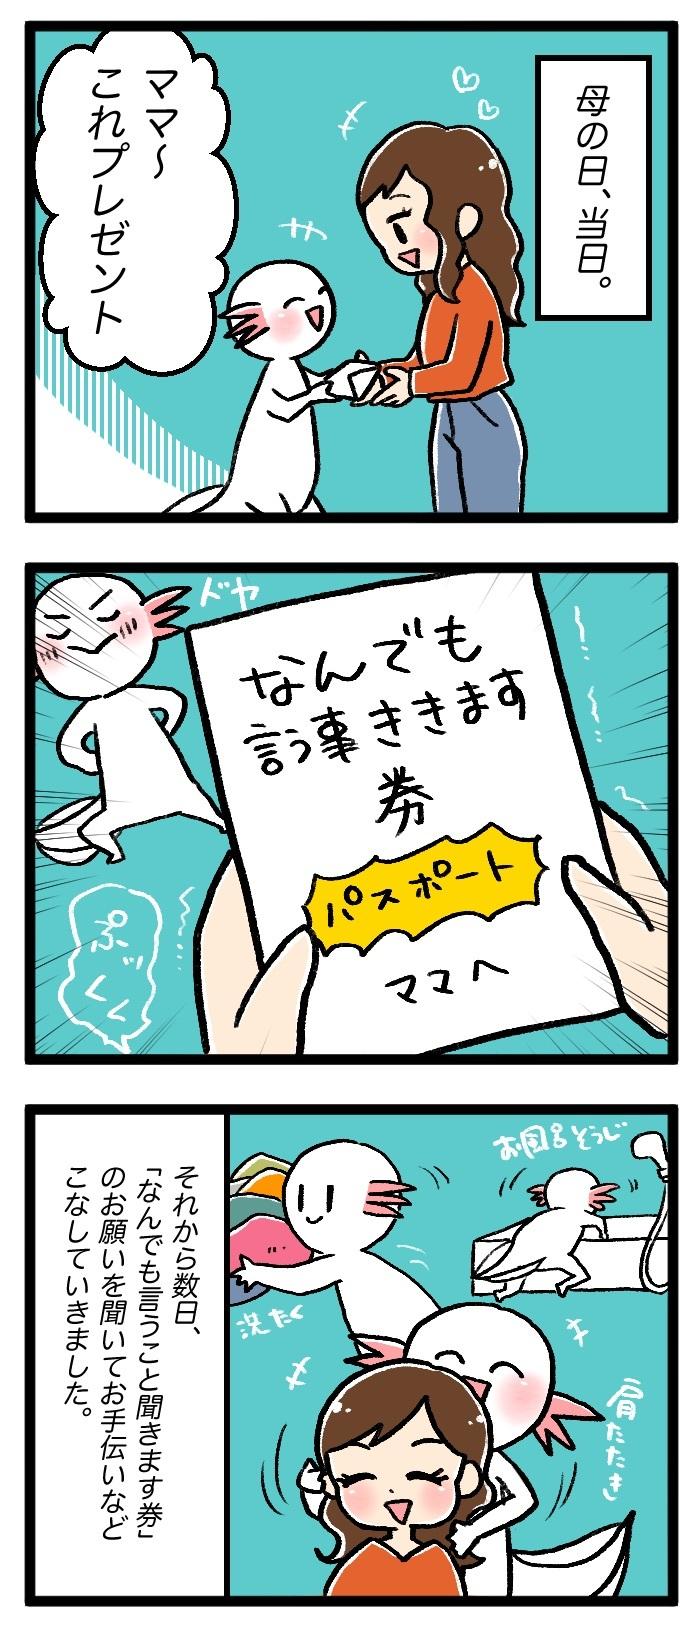 小学生が必死で考えた母の日プレゼント!まさかの後悔(笑)の画像2